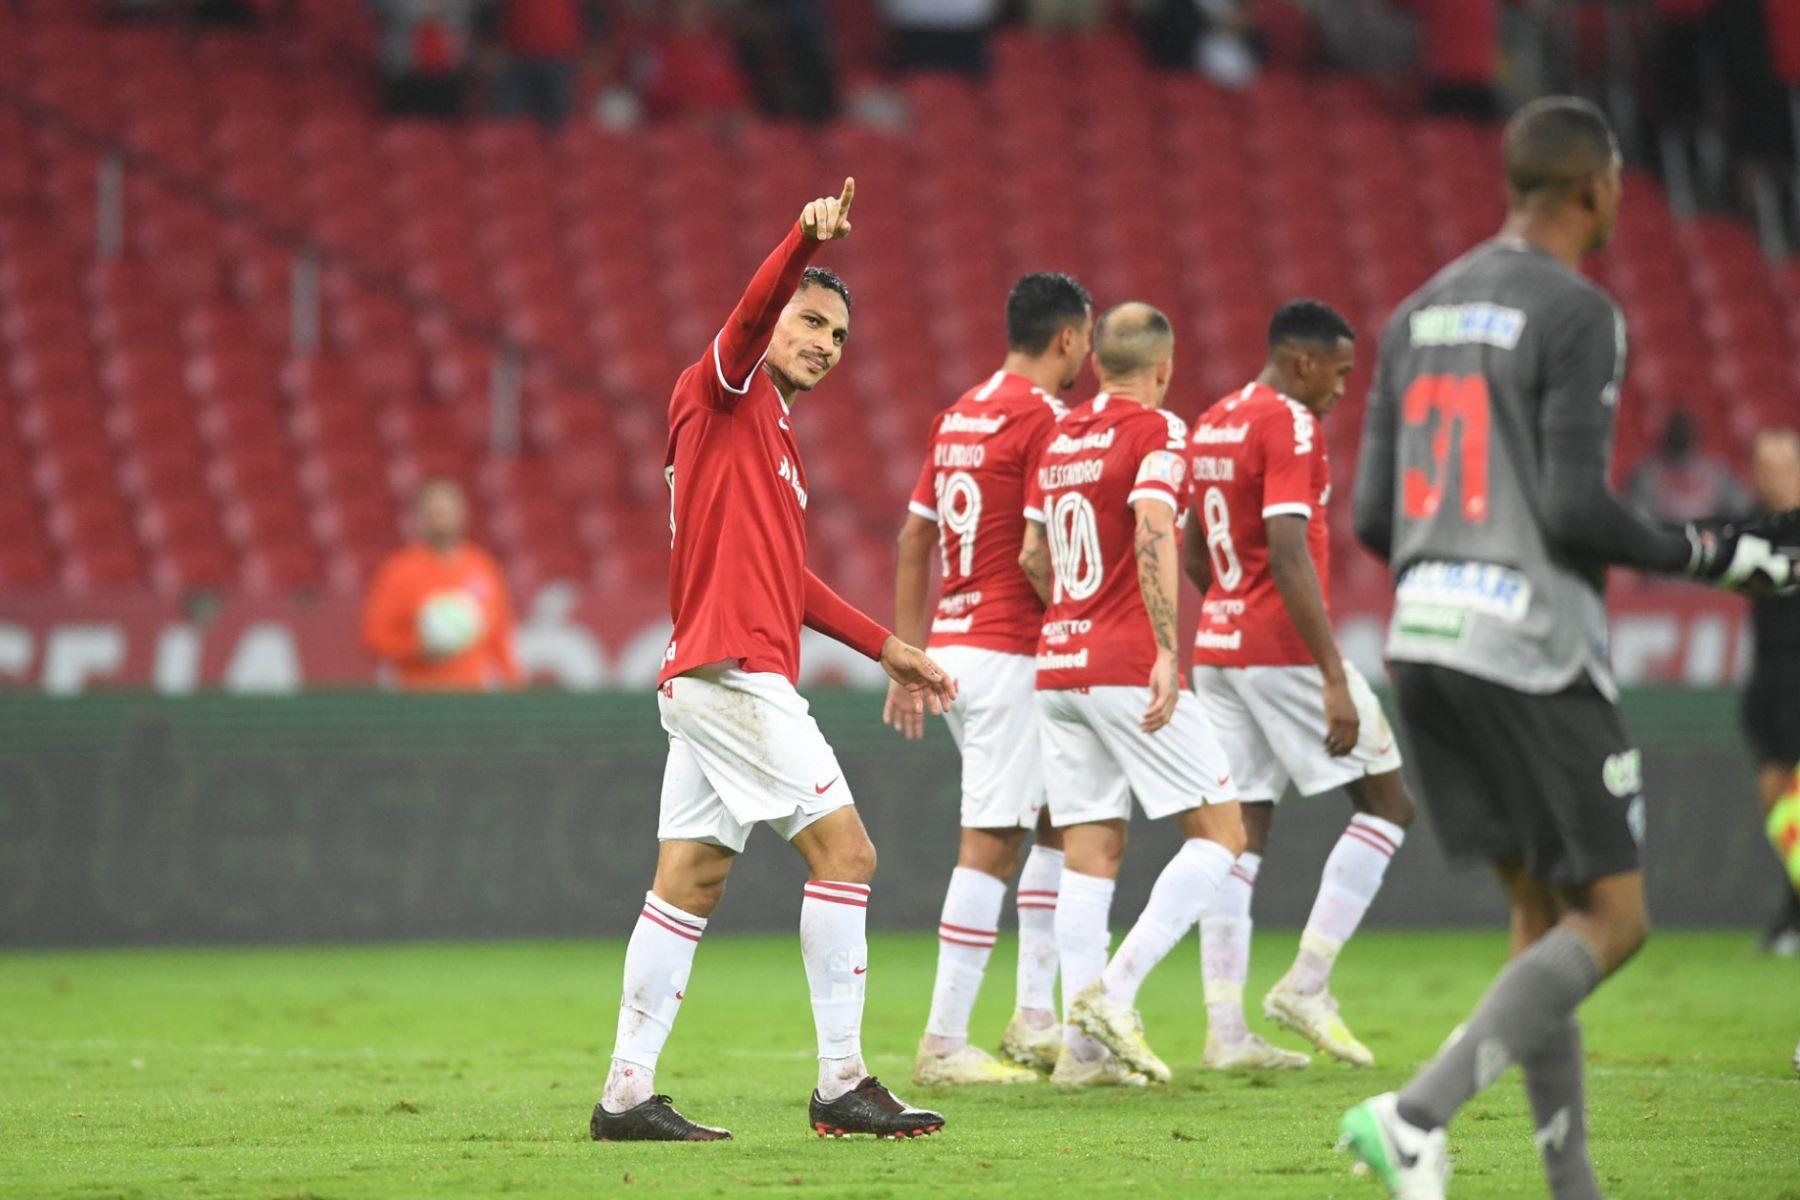 Con dos goles de Paolo Guerrero, el Internacional de Porto Alegre derrotó por 3-1 al Paysandu en el Estadio Beira-Rio por el partido de ida de los octavos de final de la Copa de Brasil. (Fotos: Ricardo Duarte/ Sport Club Internacional)